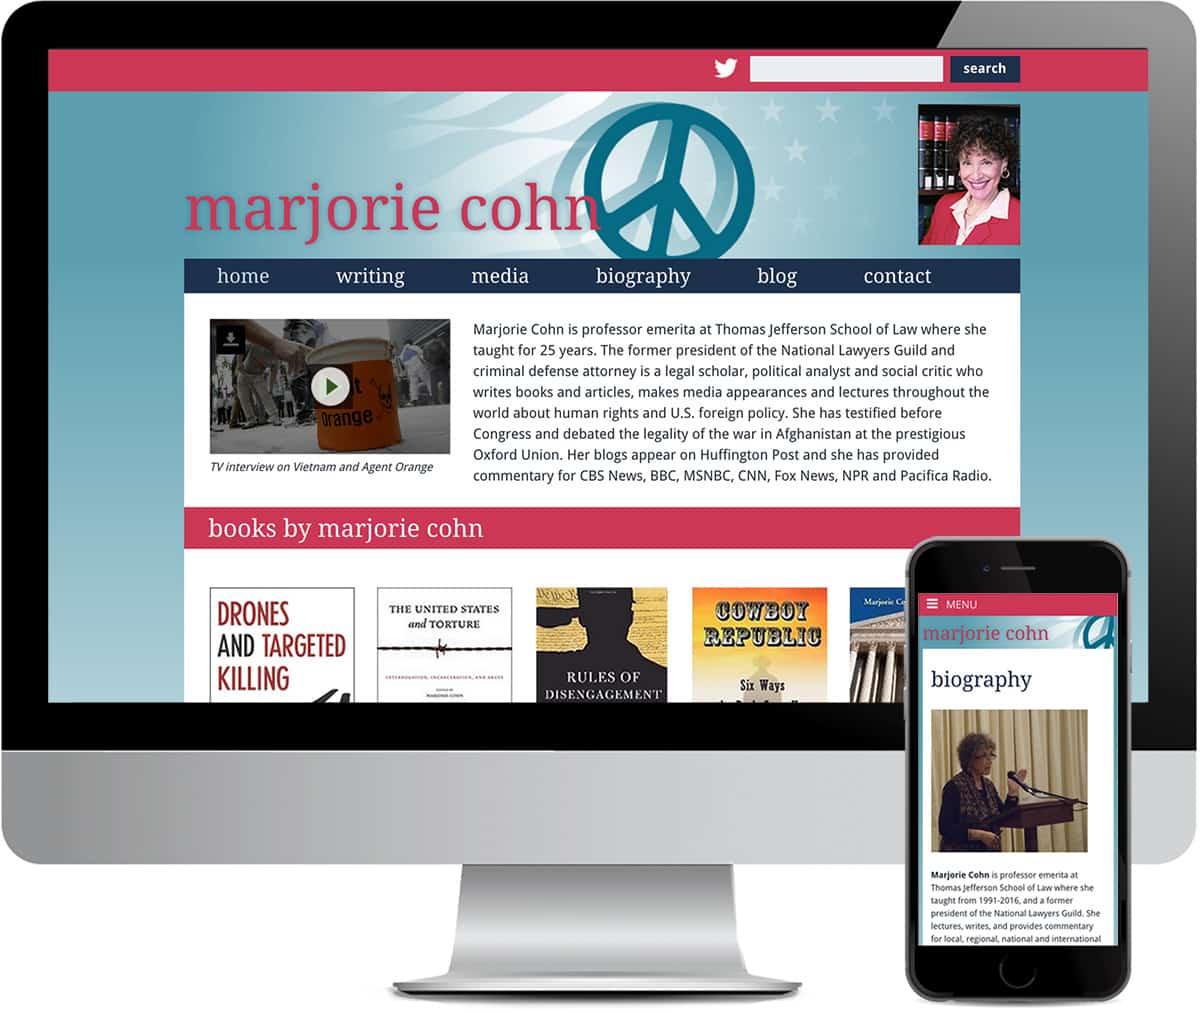 marjorie cohn website